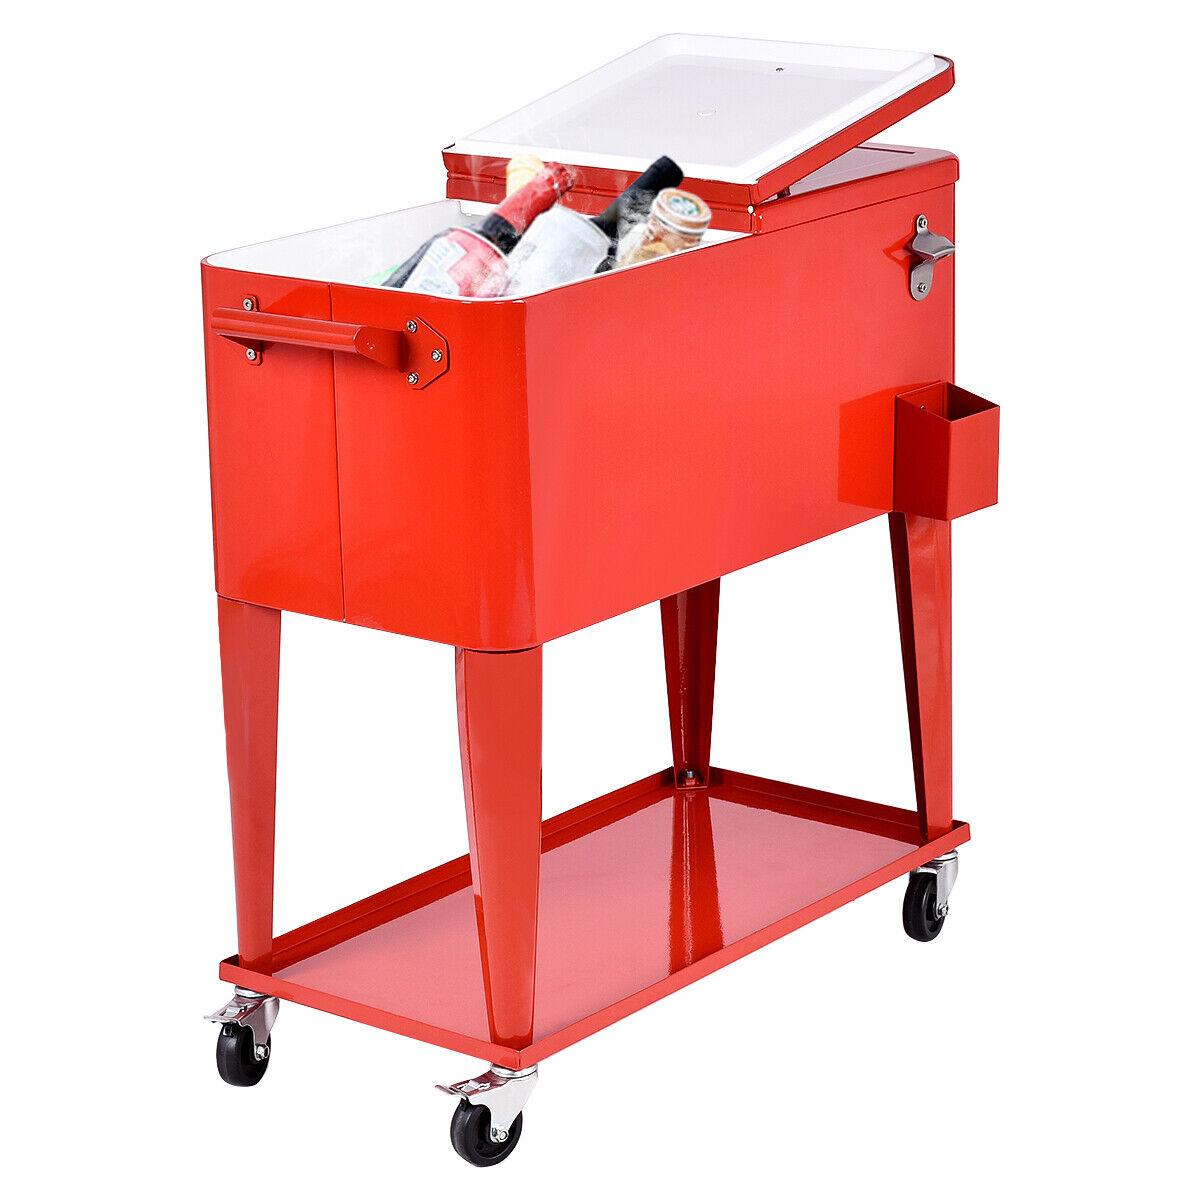 80quart outdoor cooler cart rolling steel party beer bar bistro ice bucket patio